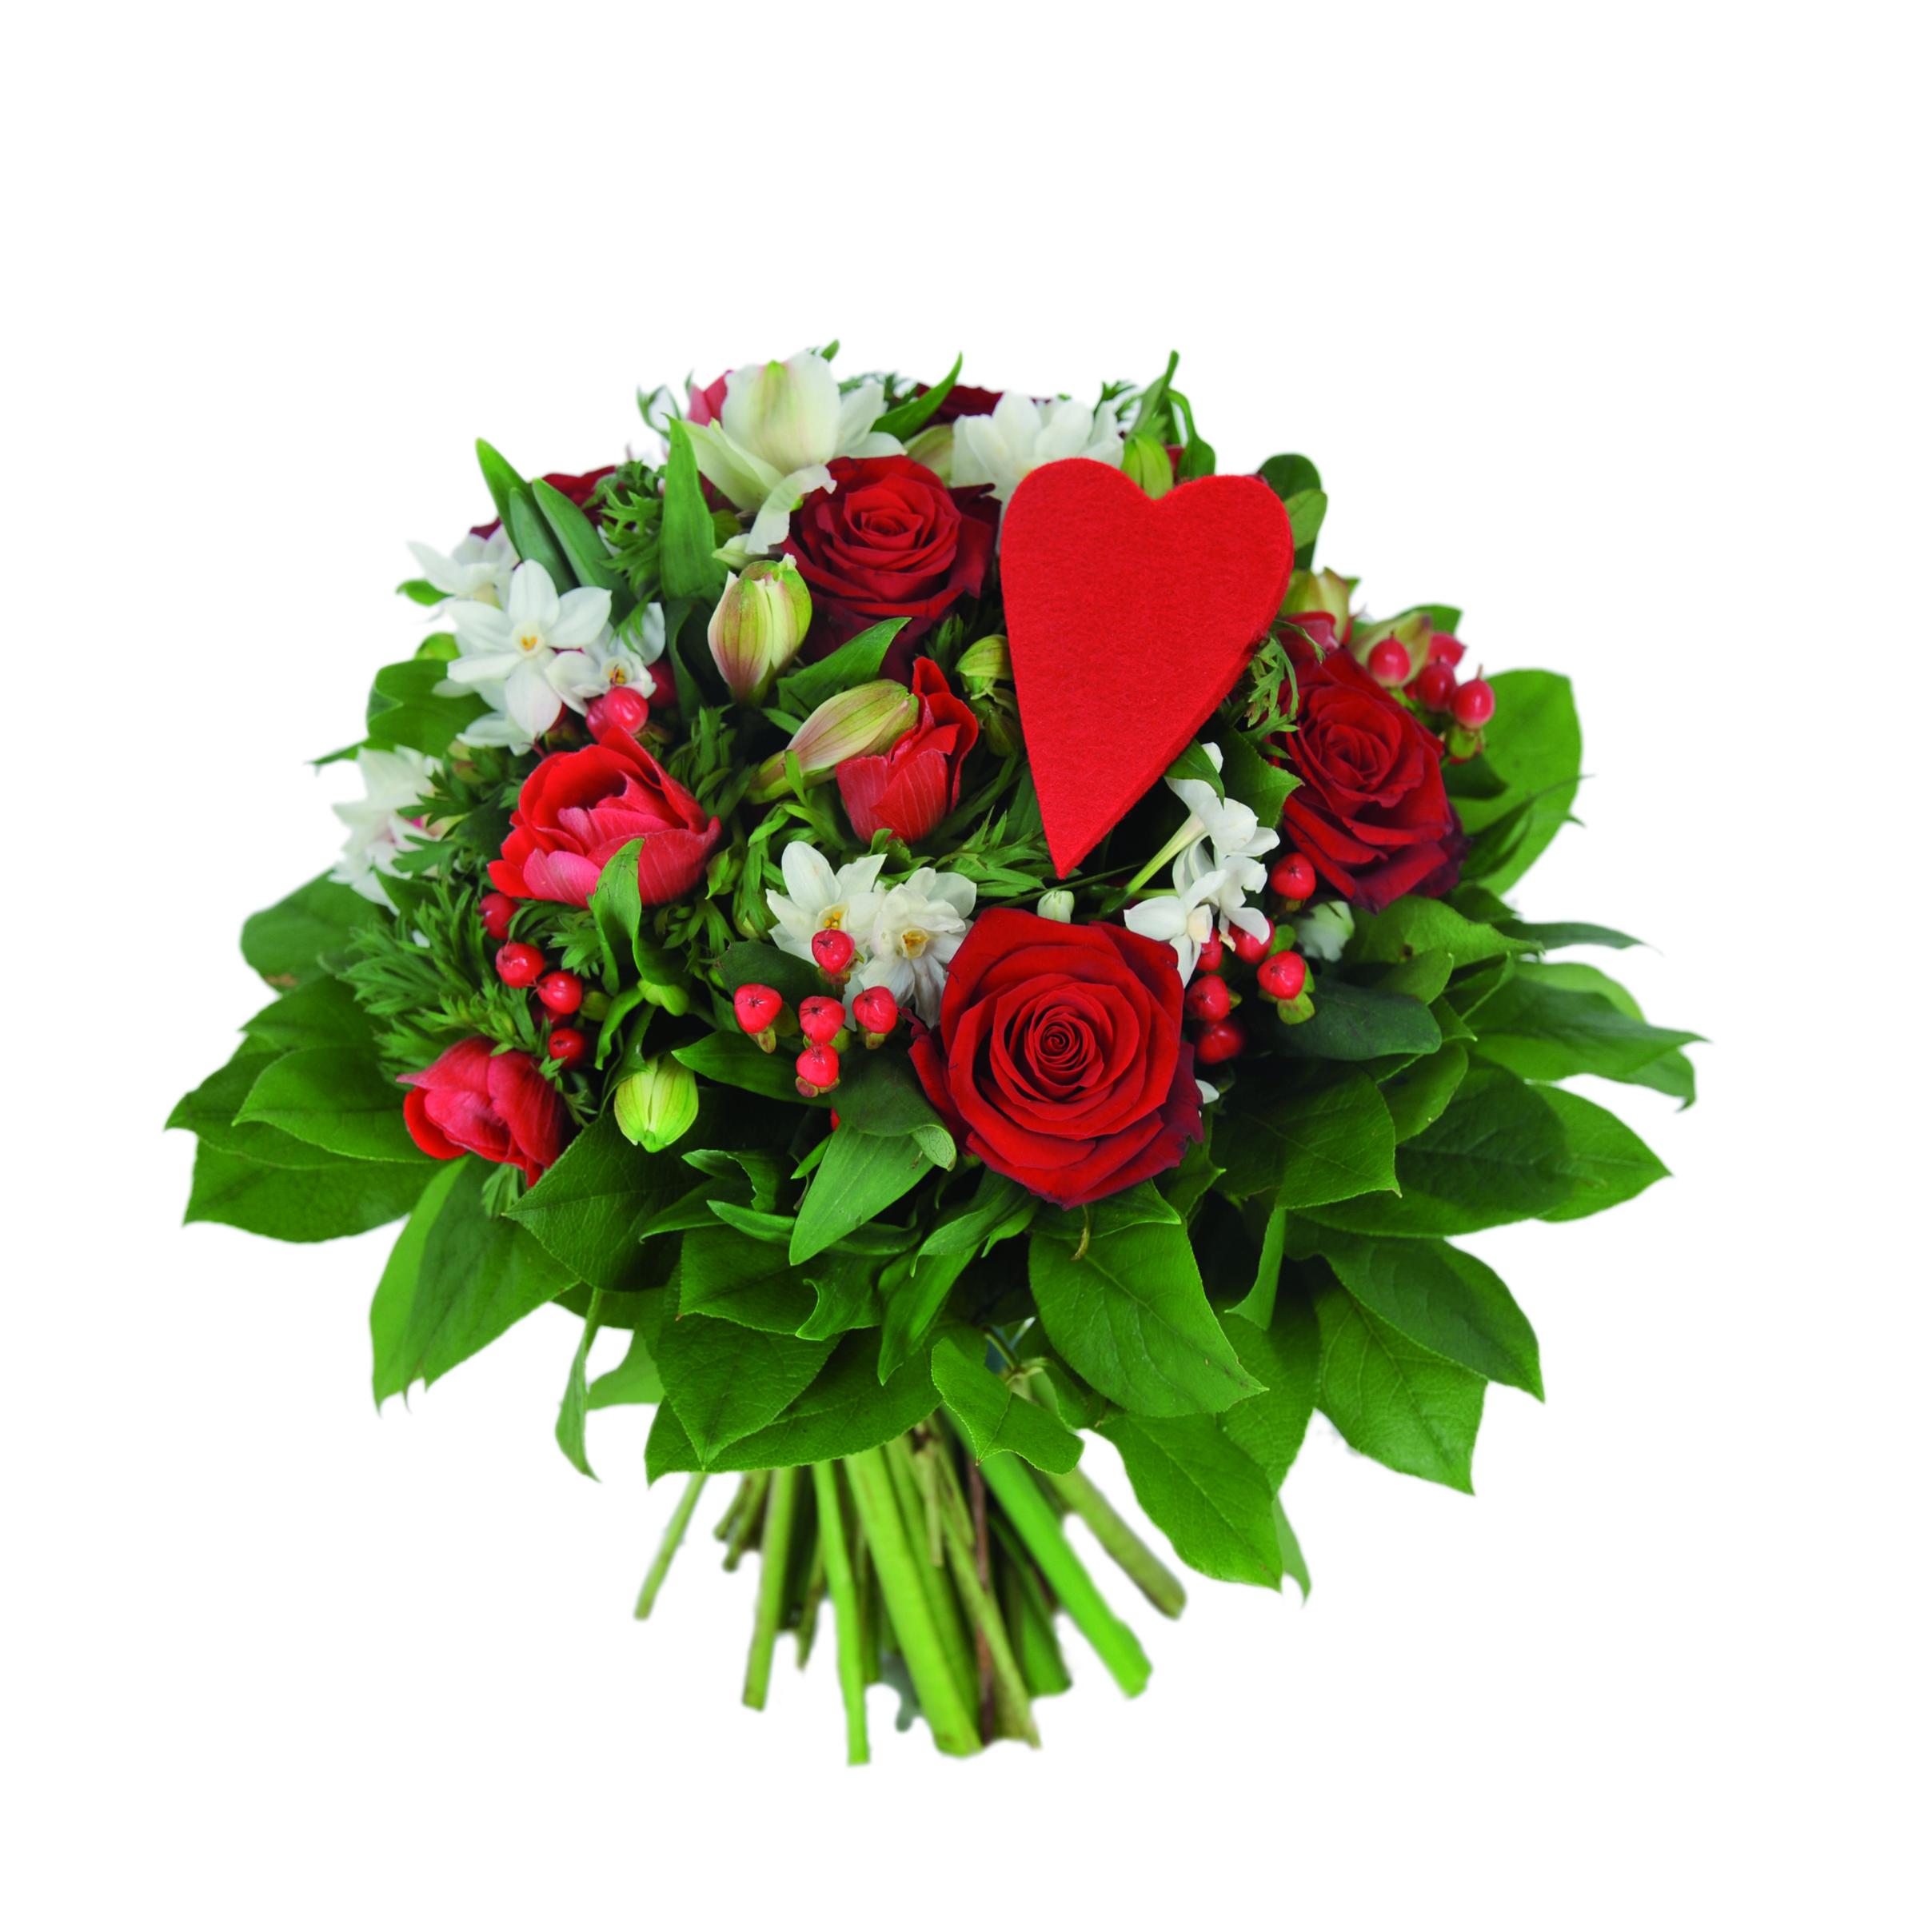 Bouquet rond rouge et blanc sp cial st valentin avec roses - Signification des roses rouges ...